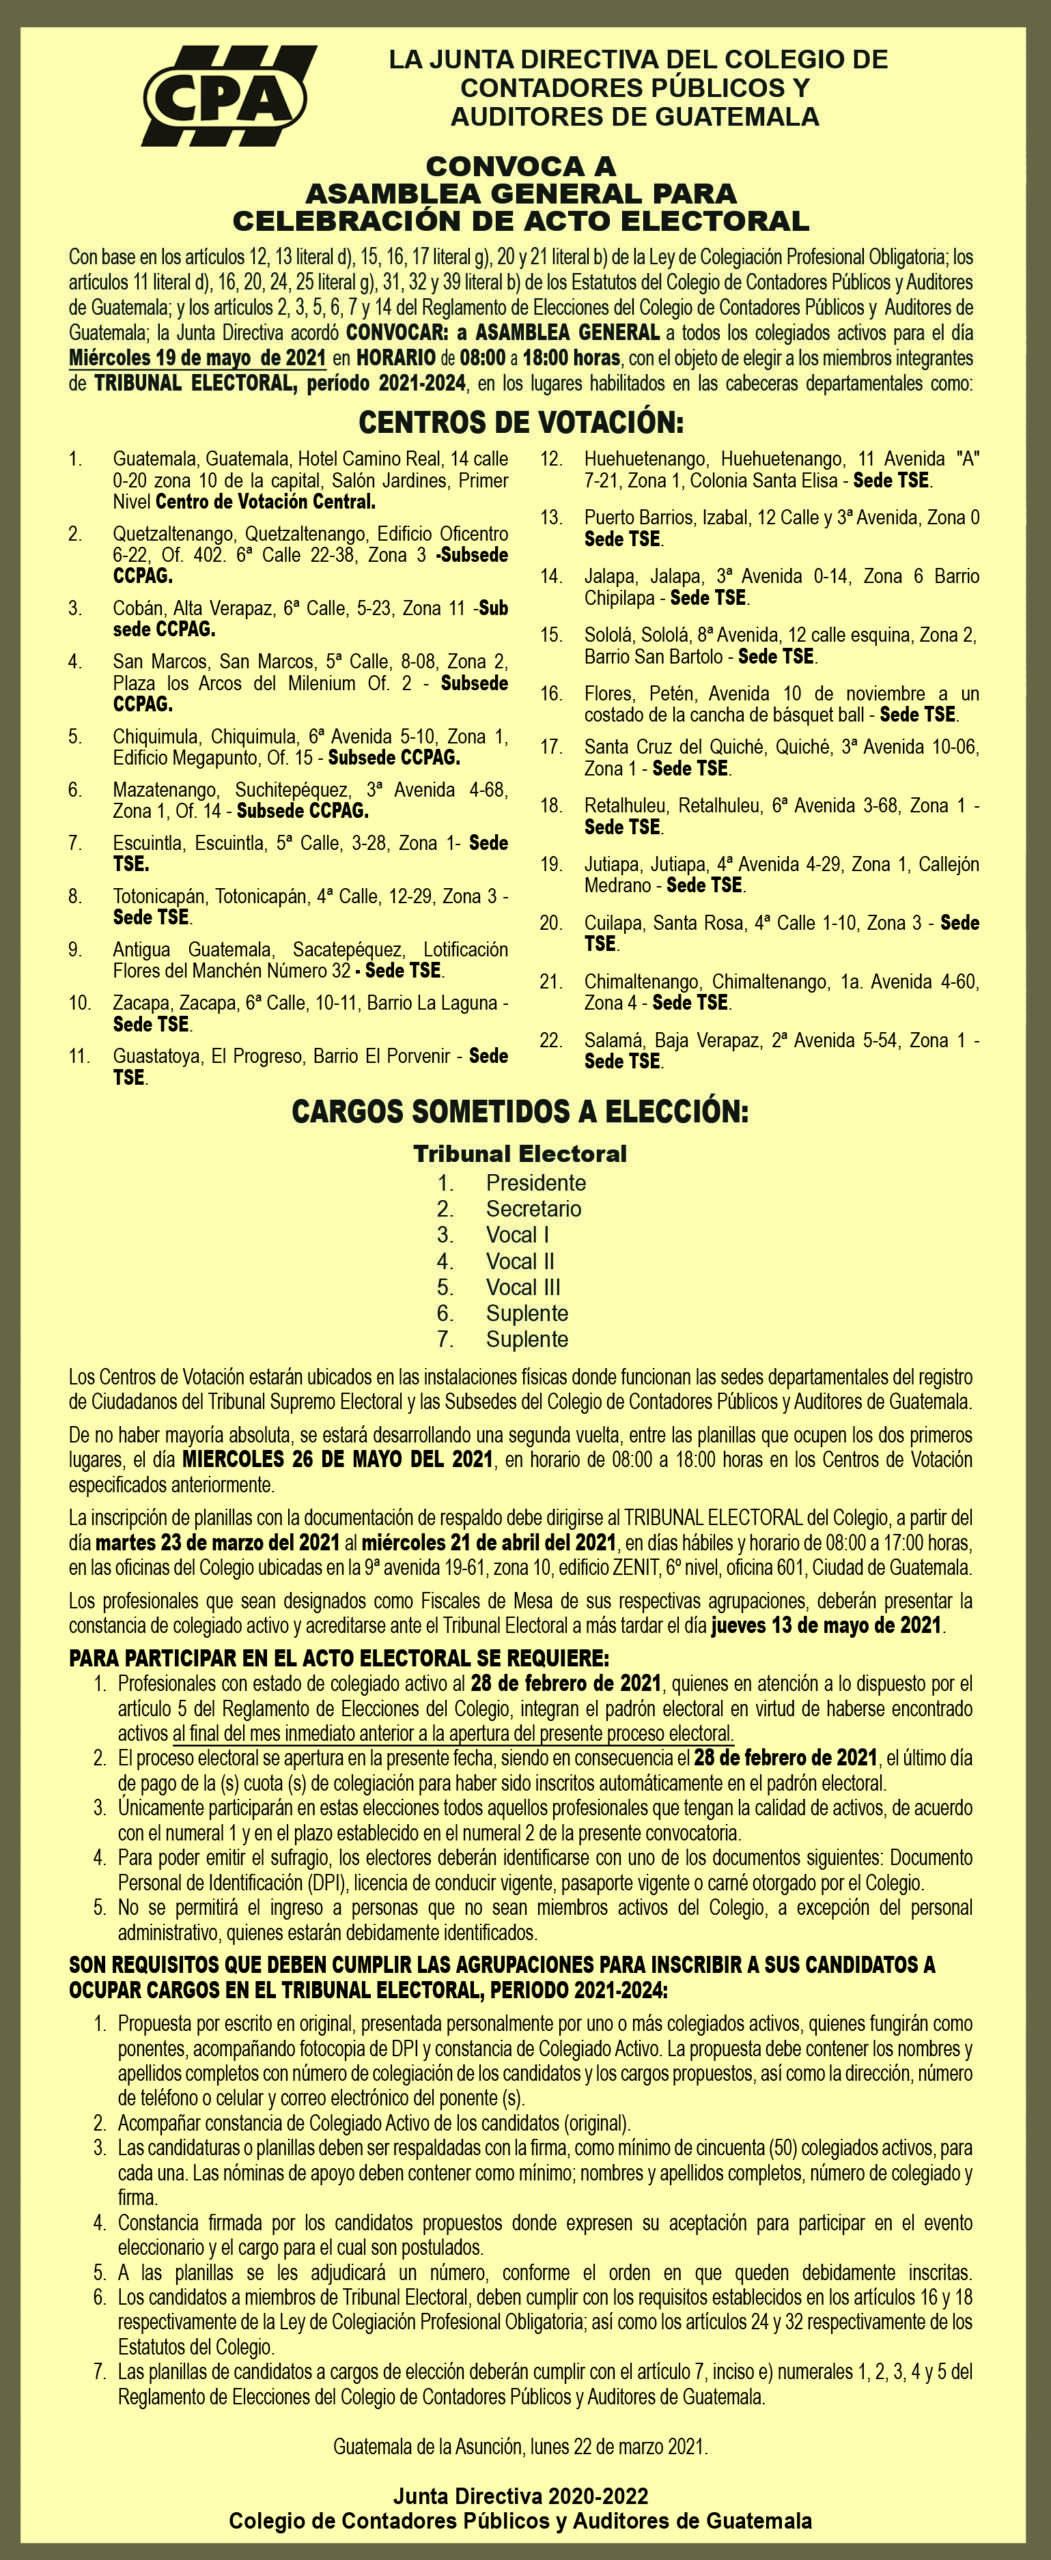 CONVOCATORIA ELECCIONES TRIBUNAL ELECTORAL, PERIODO 2021-2024 | 22 MAR 21